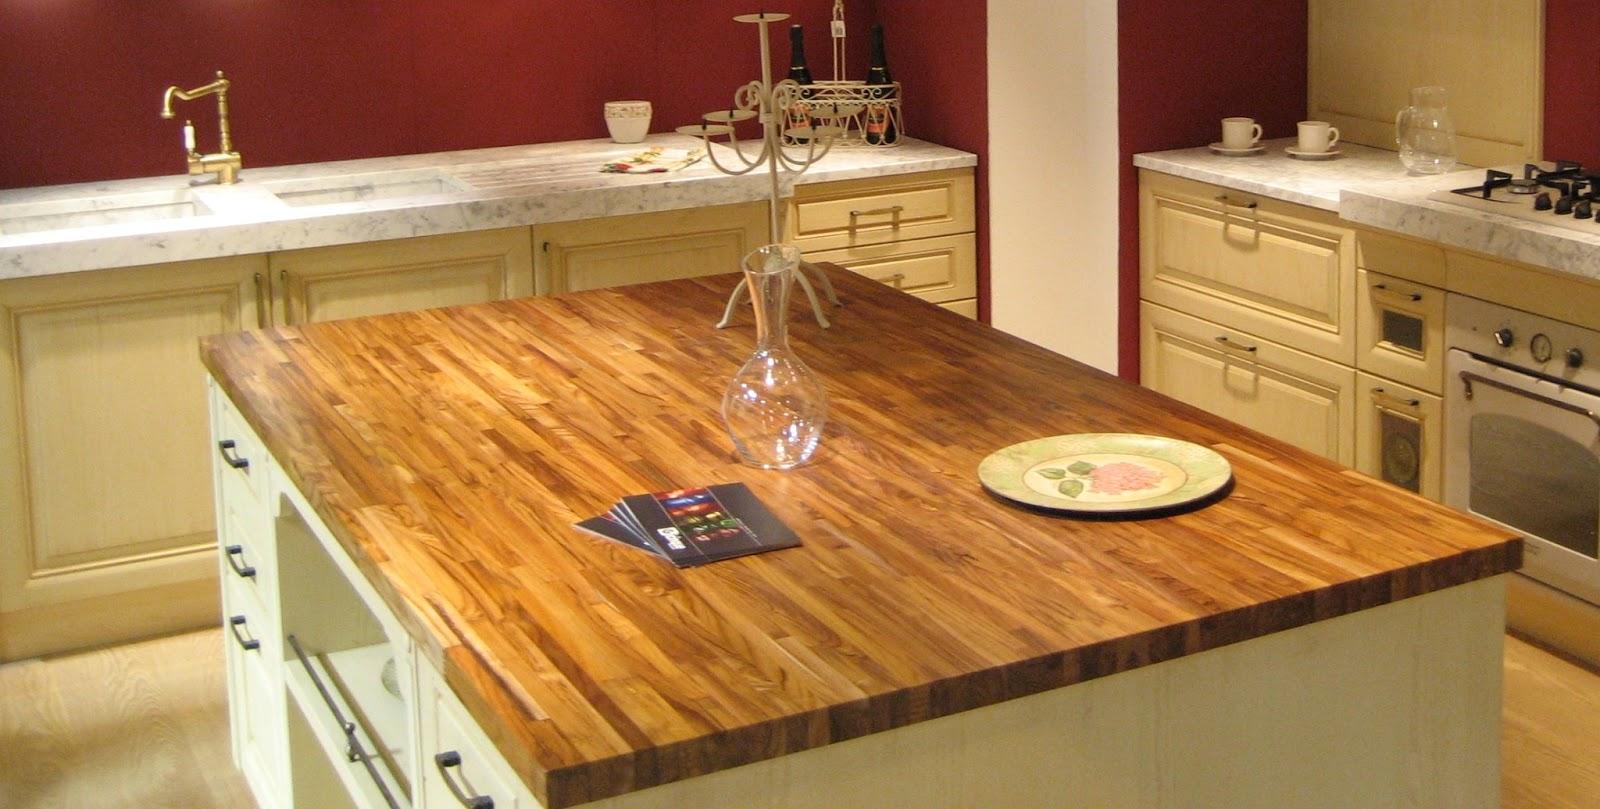 Encimeras de cocina c mo usar y conservar cocinas con - Encimera madera maciza ...